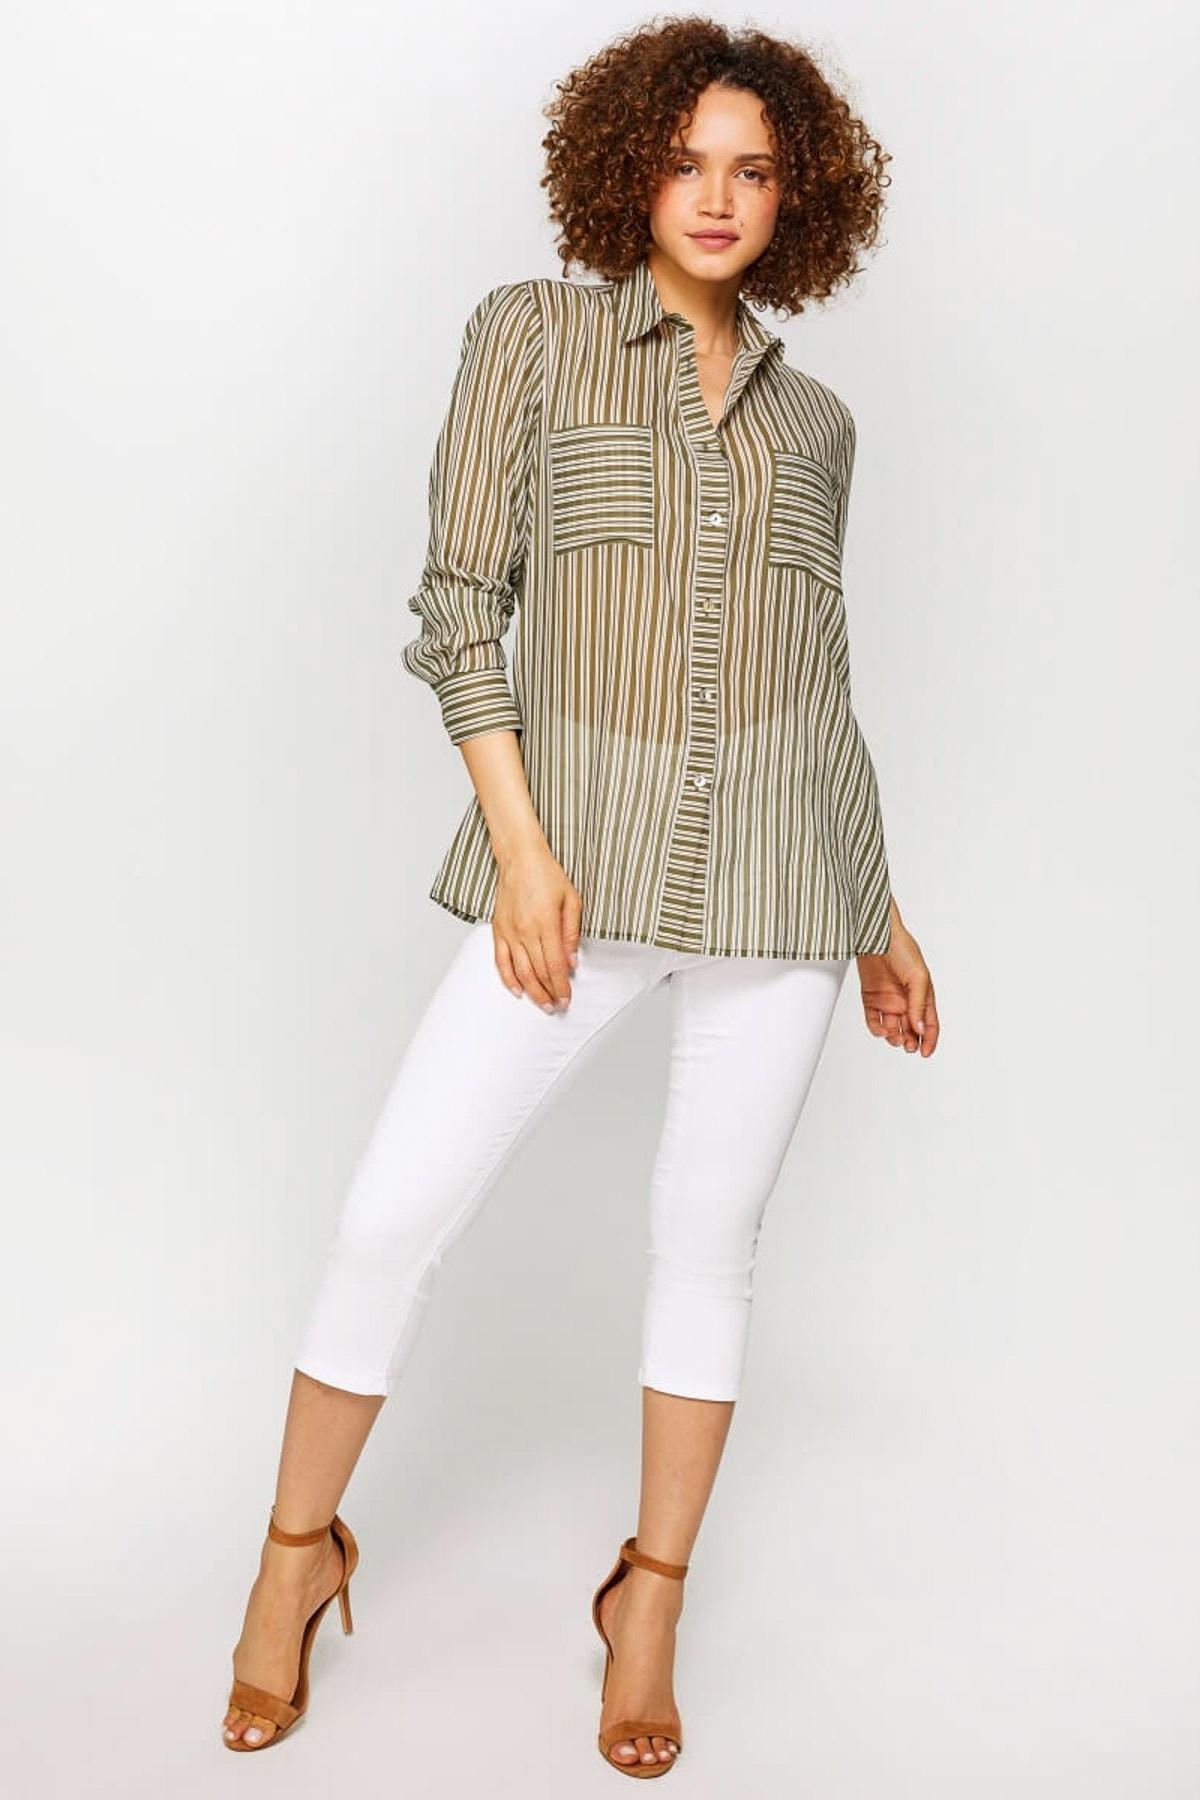 Faik Sönmez Kadın Çağla Çizgili Gömlek 60094 U60094 2